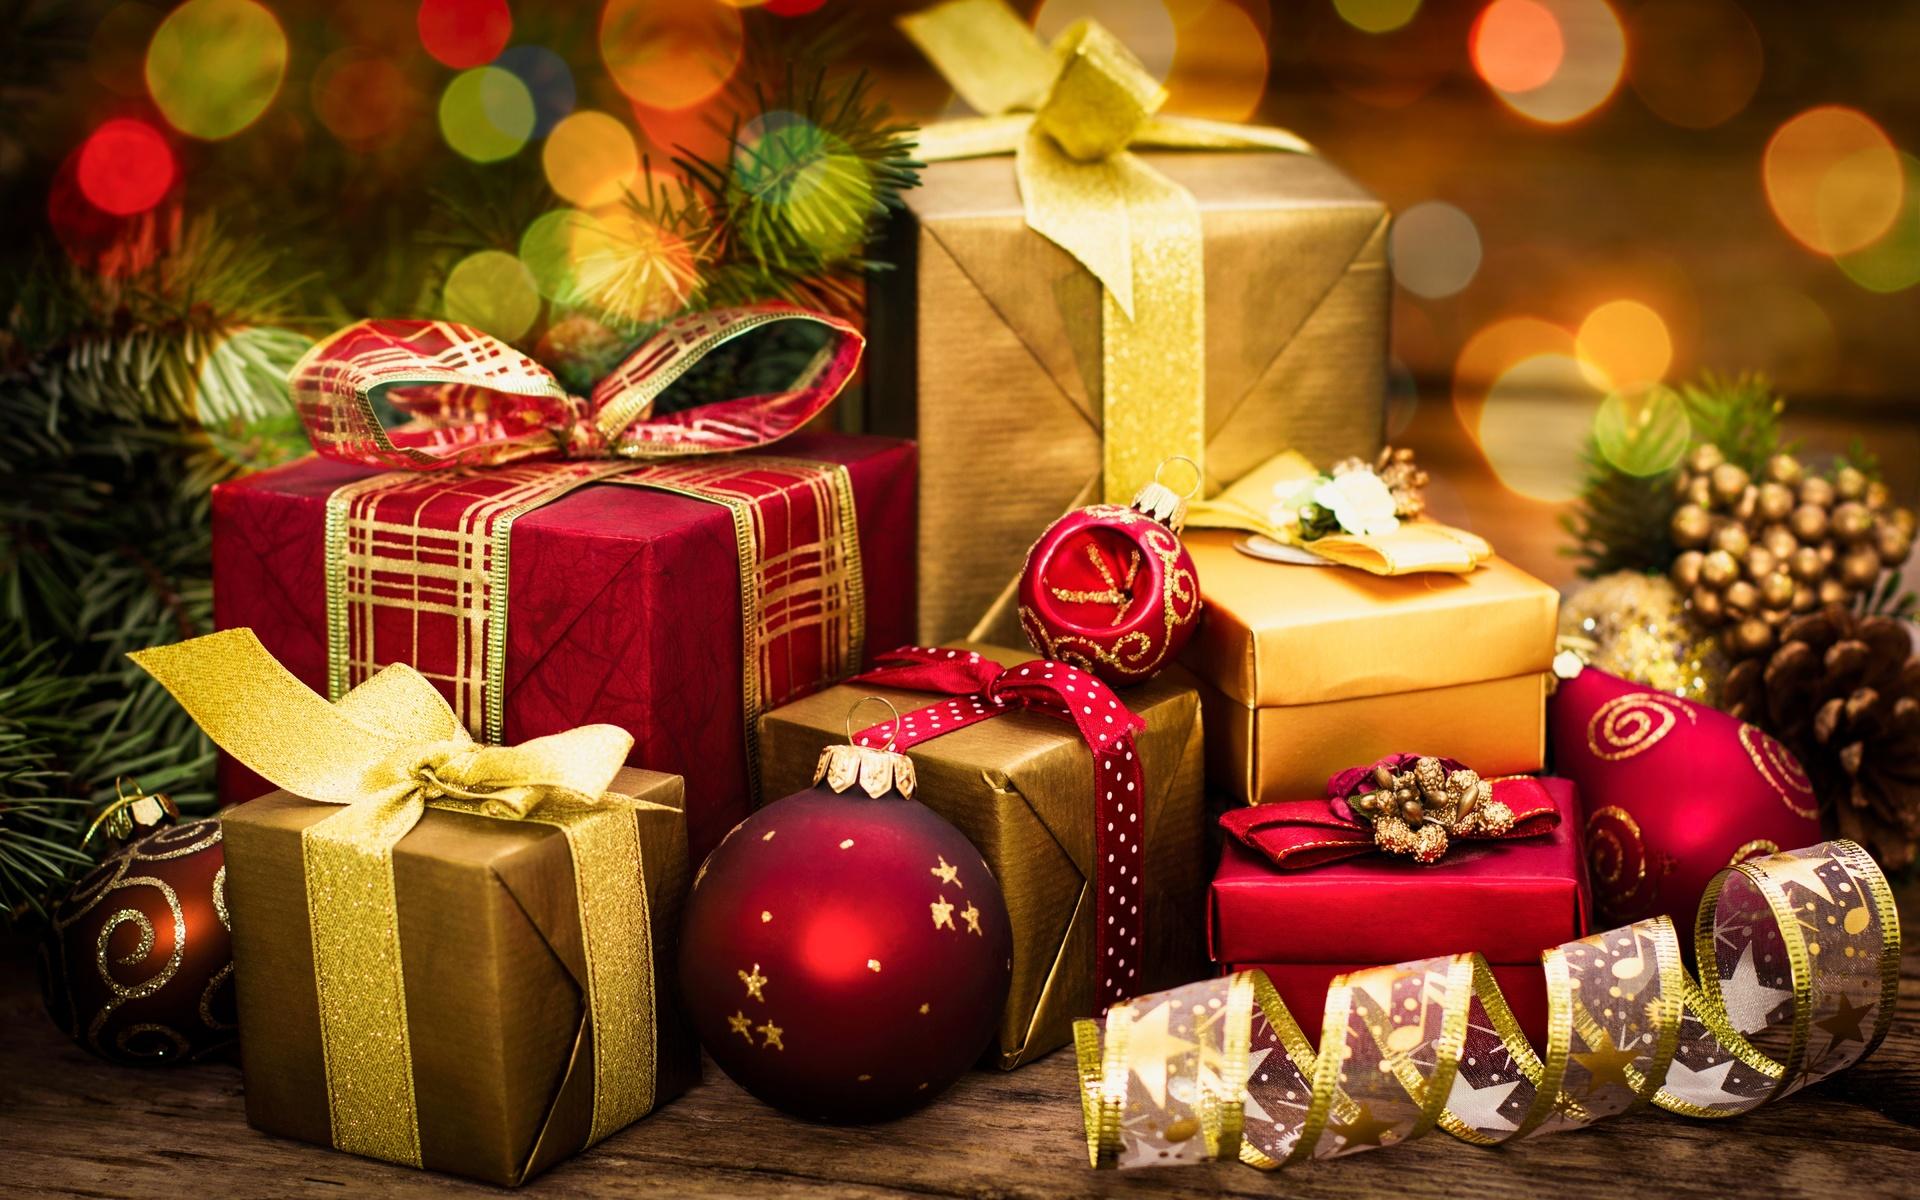 собраны картинки хочу подарок на новый год слово диплом